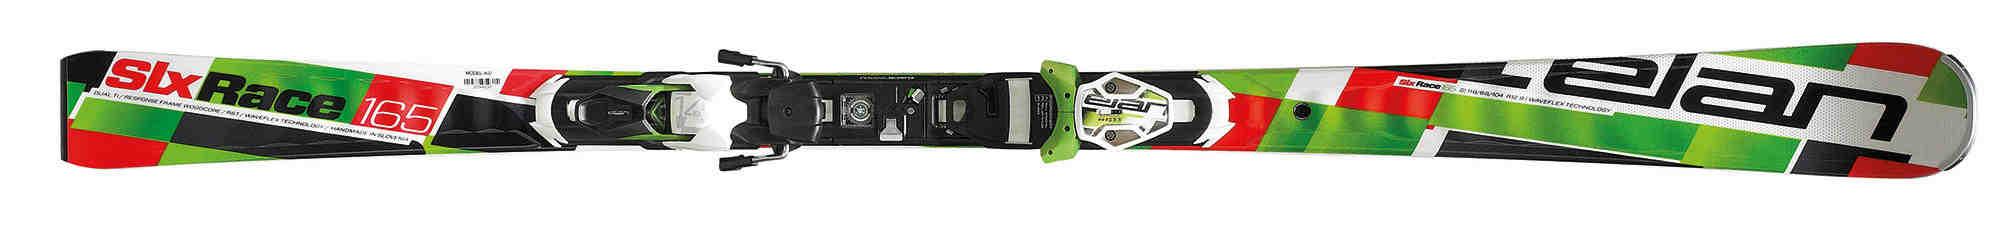 Горные лыжи SLX Waveflex Race